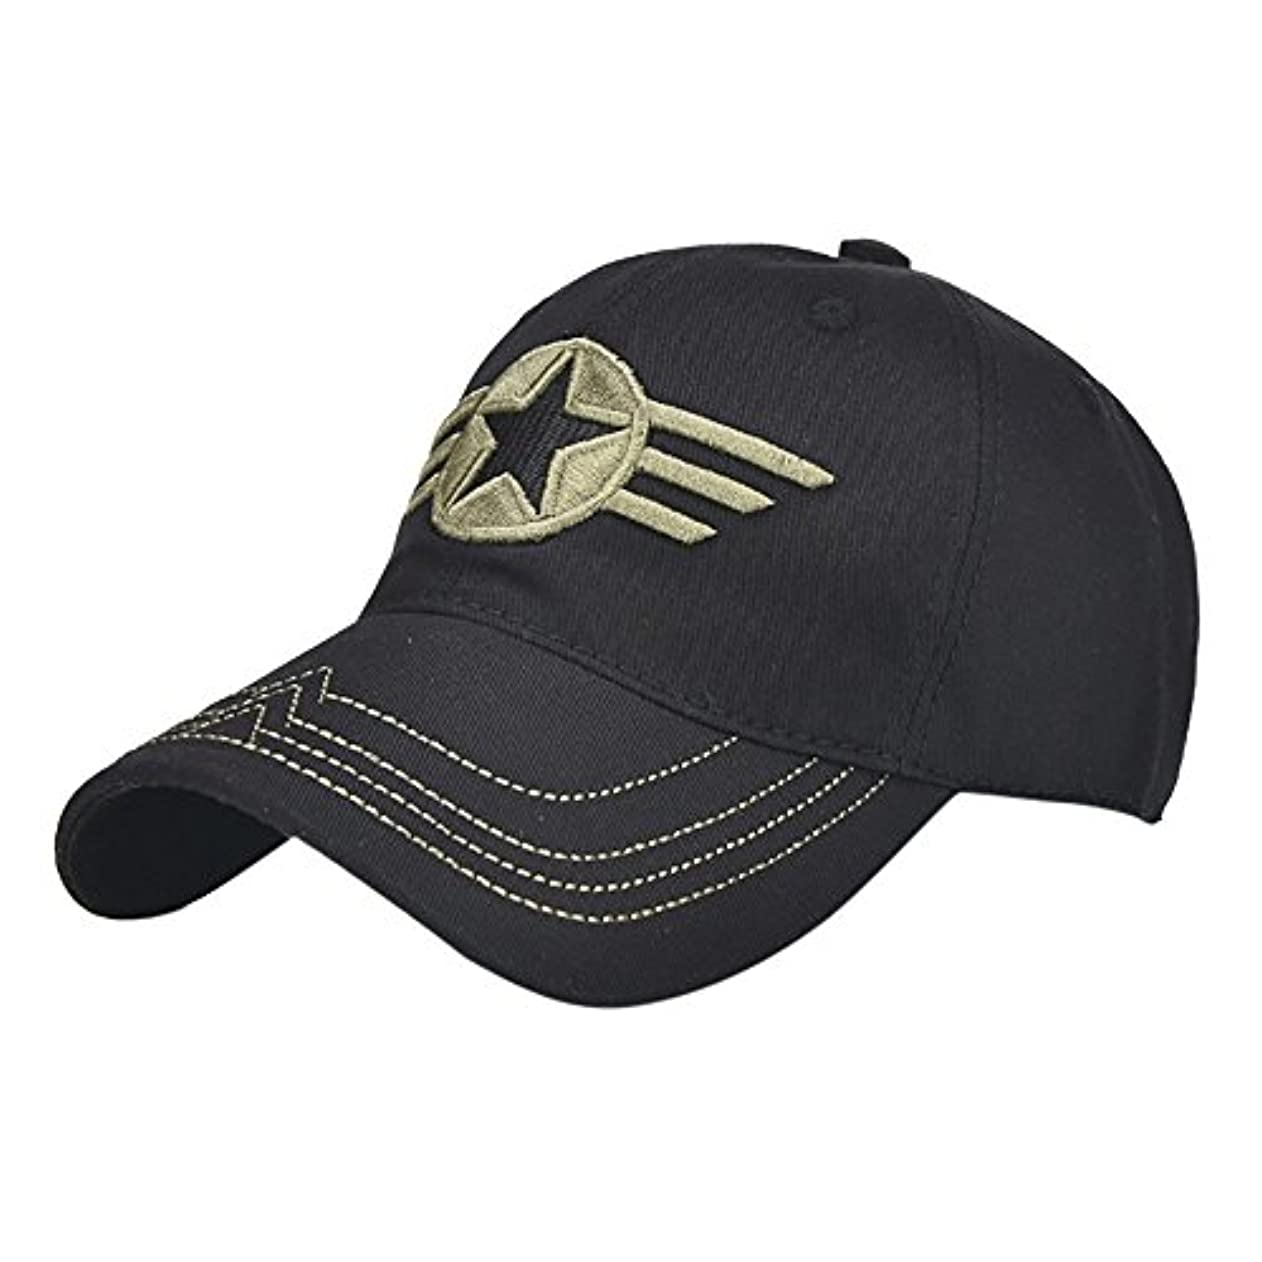 昆虫を見る一時解雇する王室Racazing Cap ミリタリーキャップ 野球帽 迷彩 夏 登山 通気性のある メッシュ 帽子 ベルクロ 可調整可能 スターバッジ 刺繍 棒球帽 UV 帽子 軽量 屋外 Unisex Hat (黒)